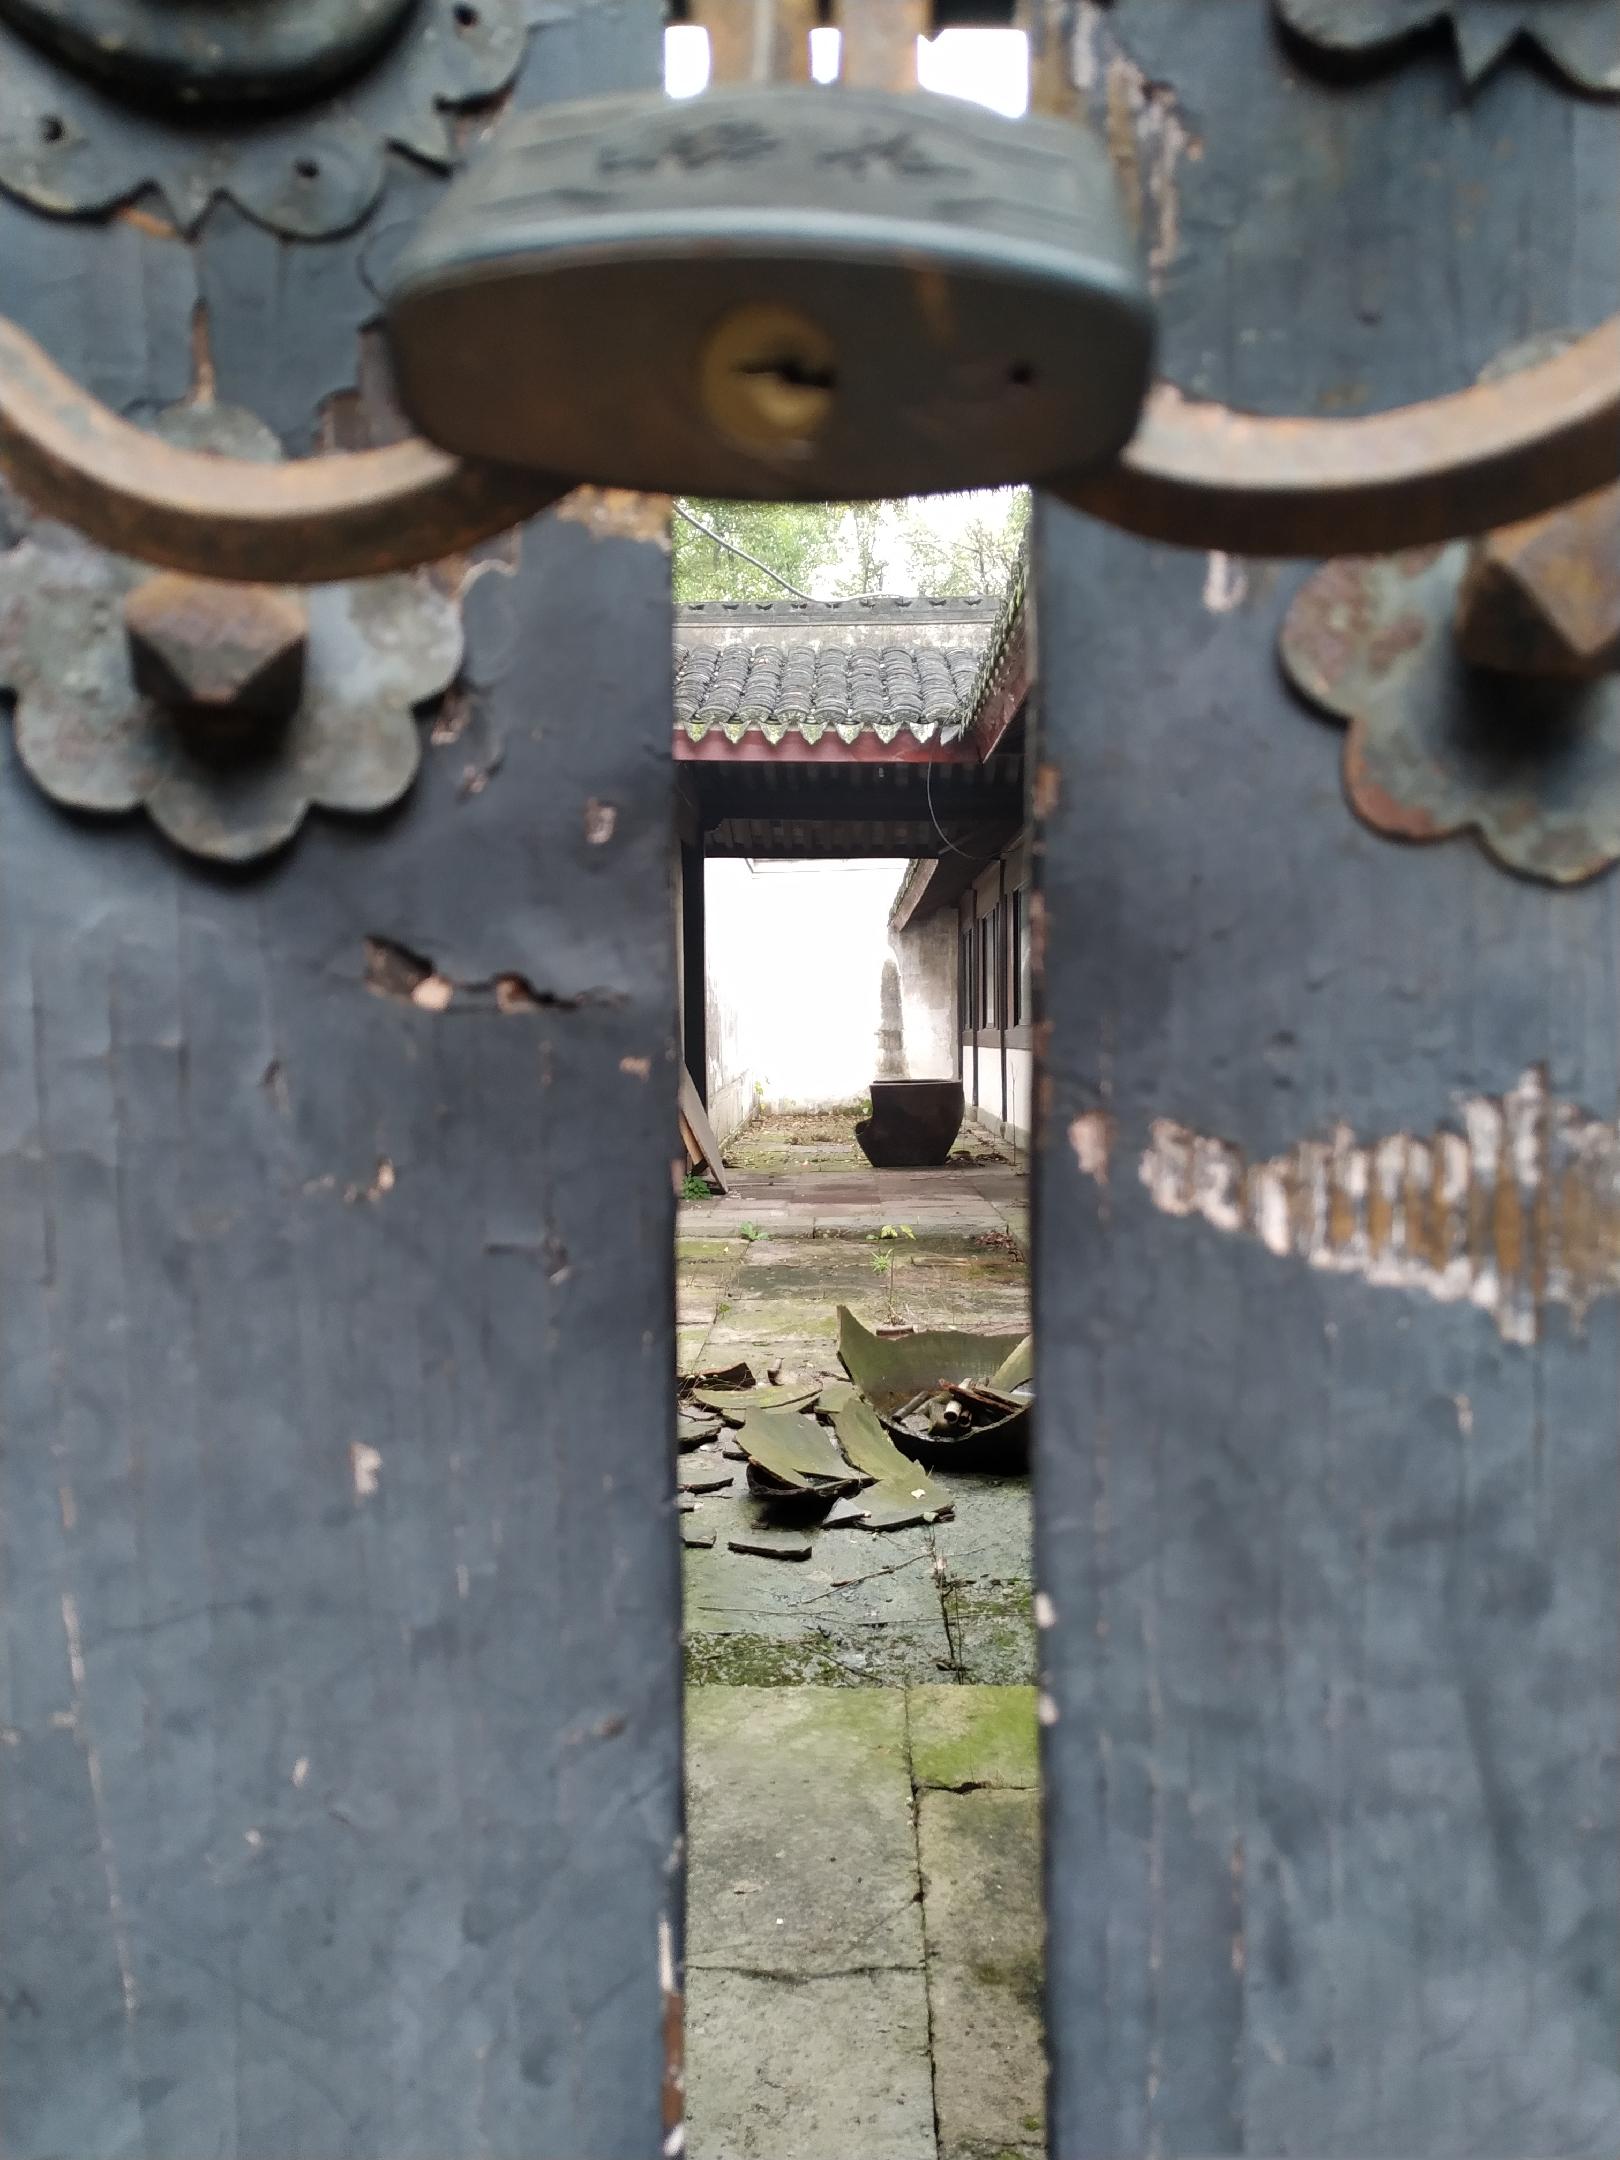 旧门旧锁旧时光